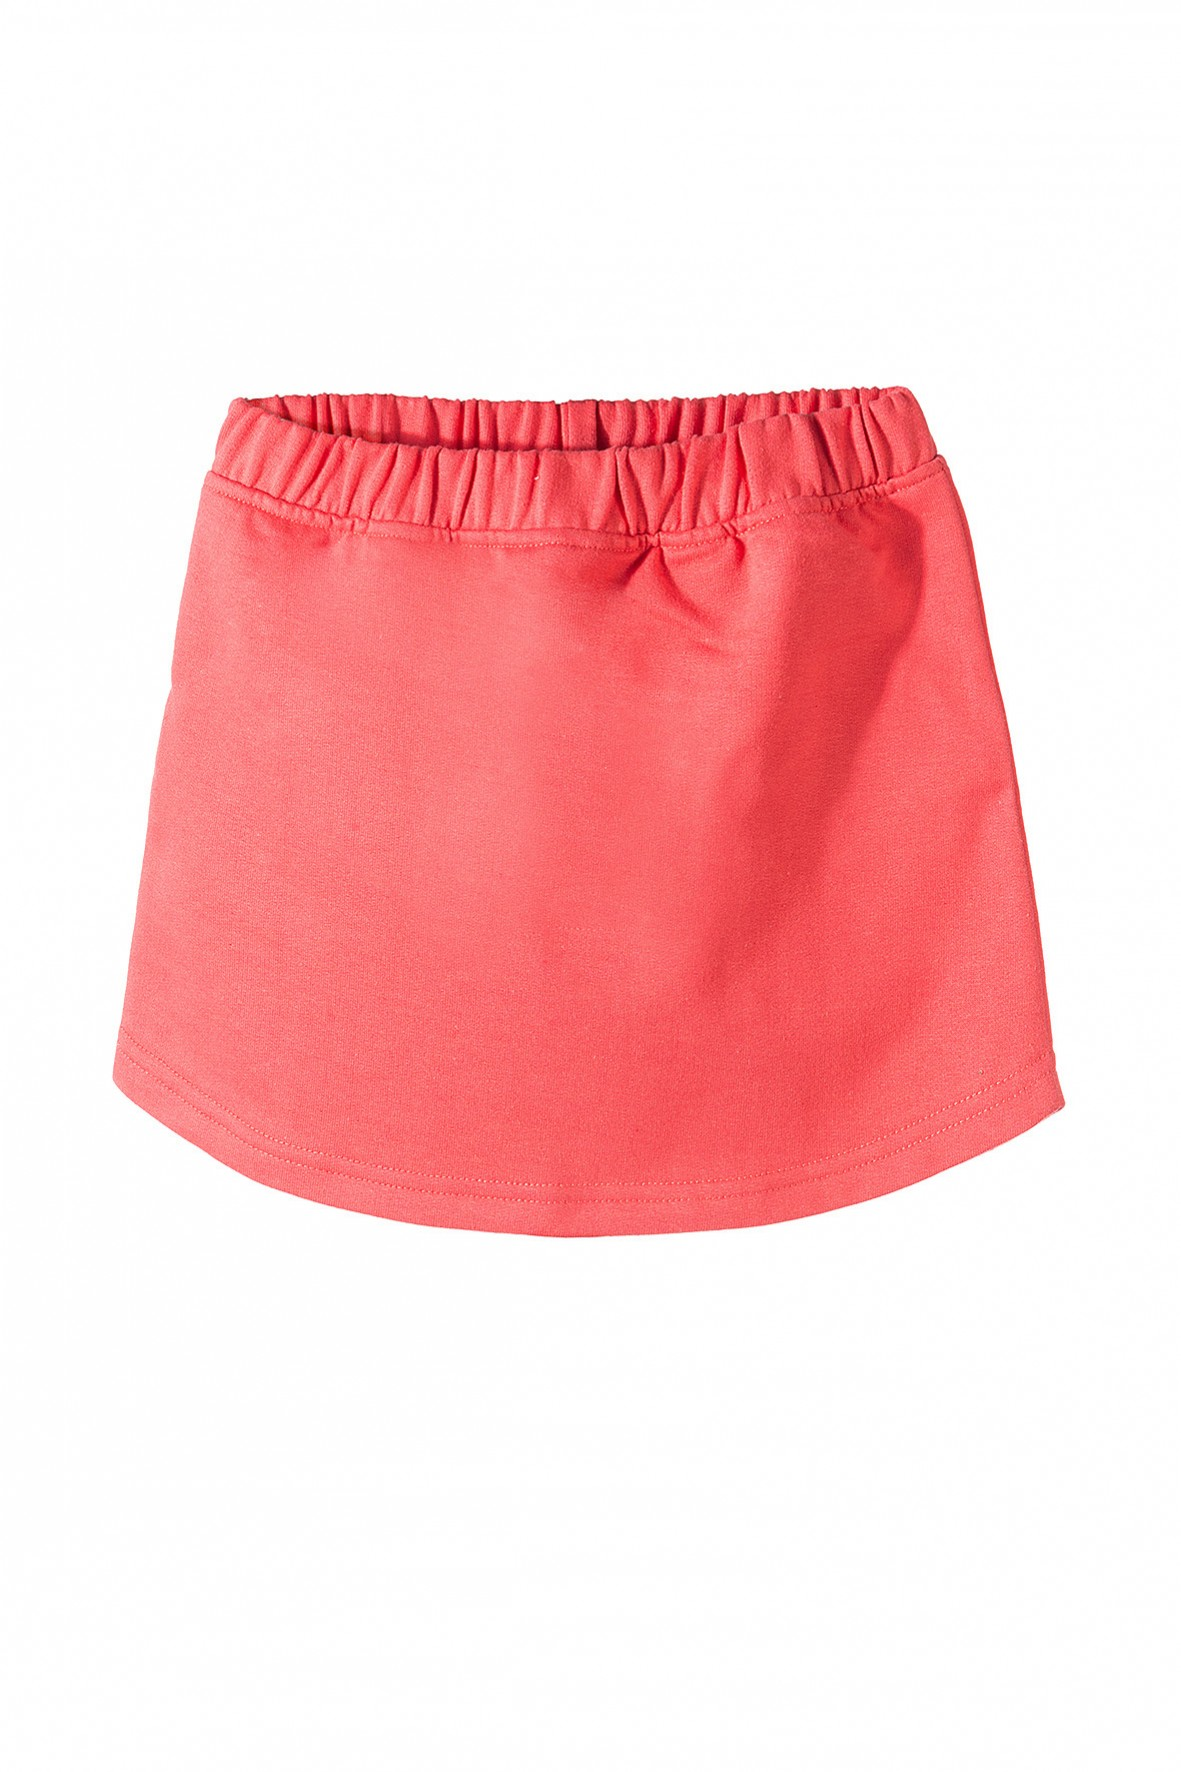 d94b0e11ee Spódniczka dziewczęca w kolorze brzoskwiniowym- wykonana z miękkiej ...